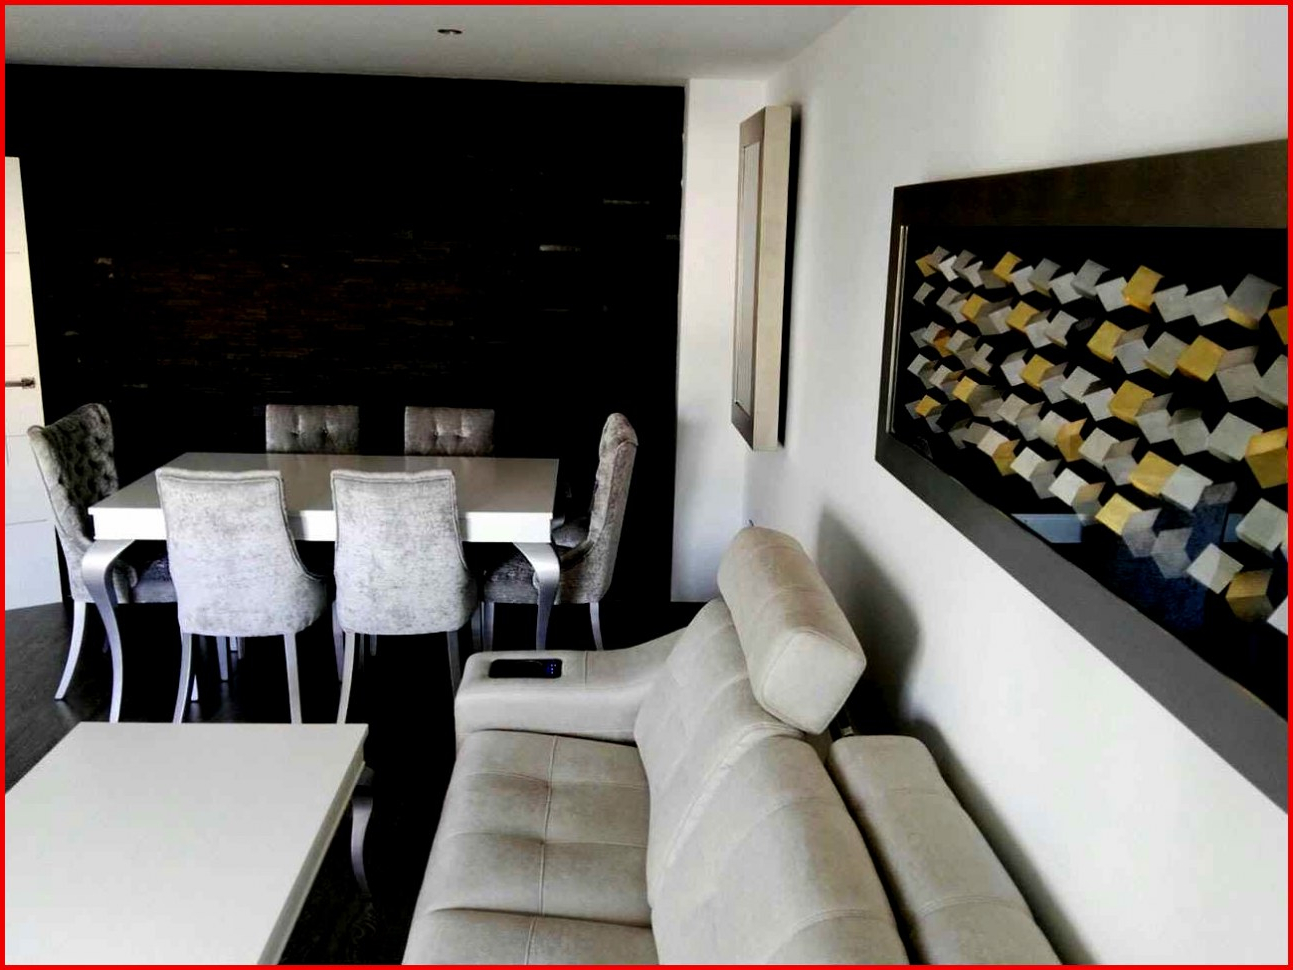 Muebles Huelva E6d5 Tienda De Muebles Huelva En Beller N Tiendas Writ Mesa Escritorio